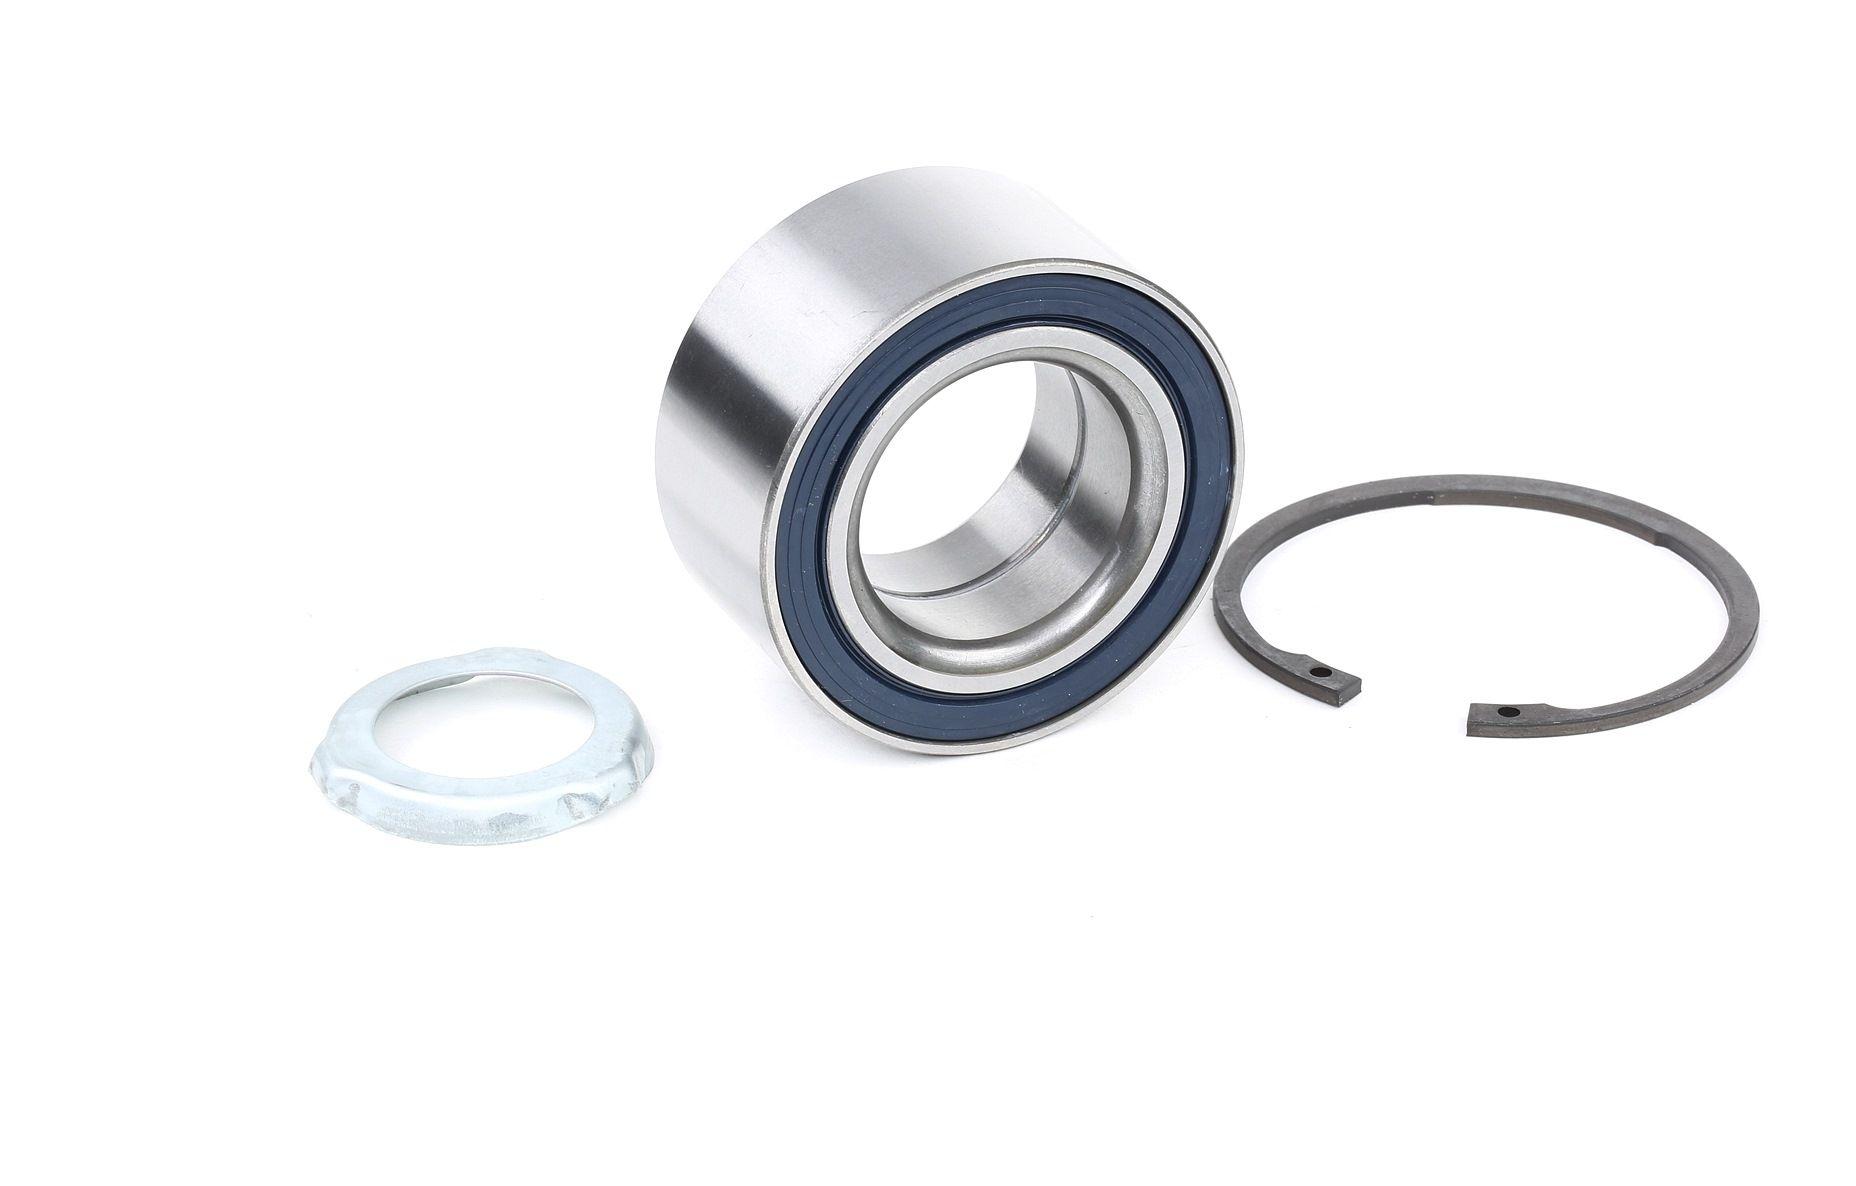 Radlager & Radlagersatz MEYLE 300 334 1102/S Bewertung